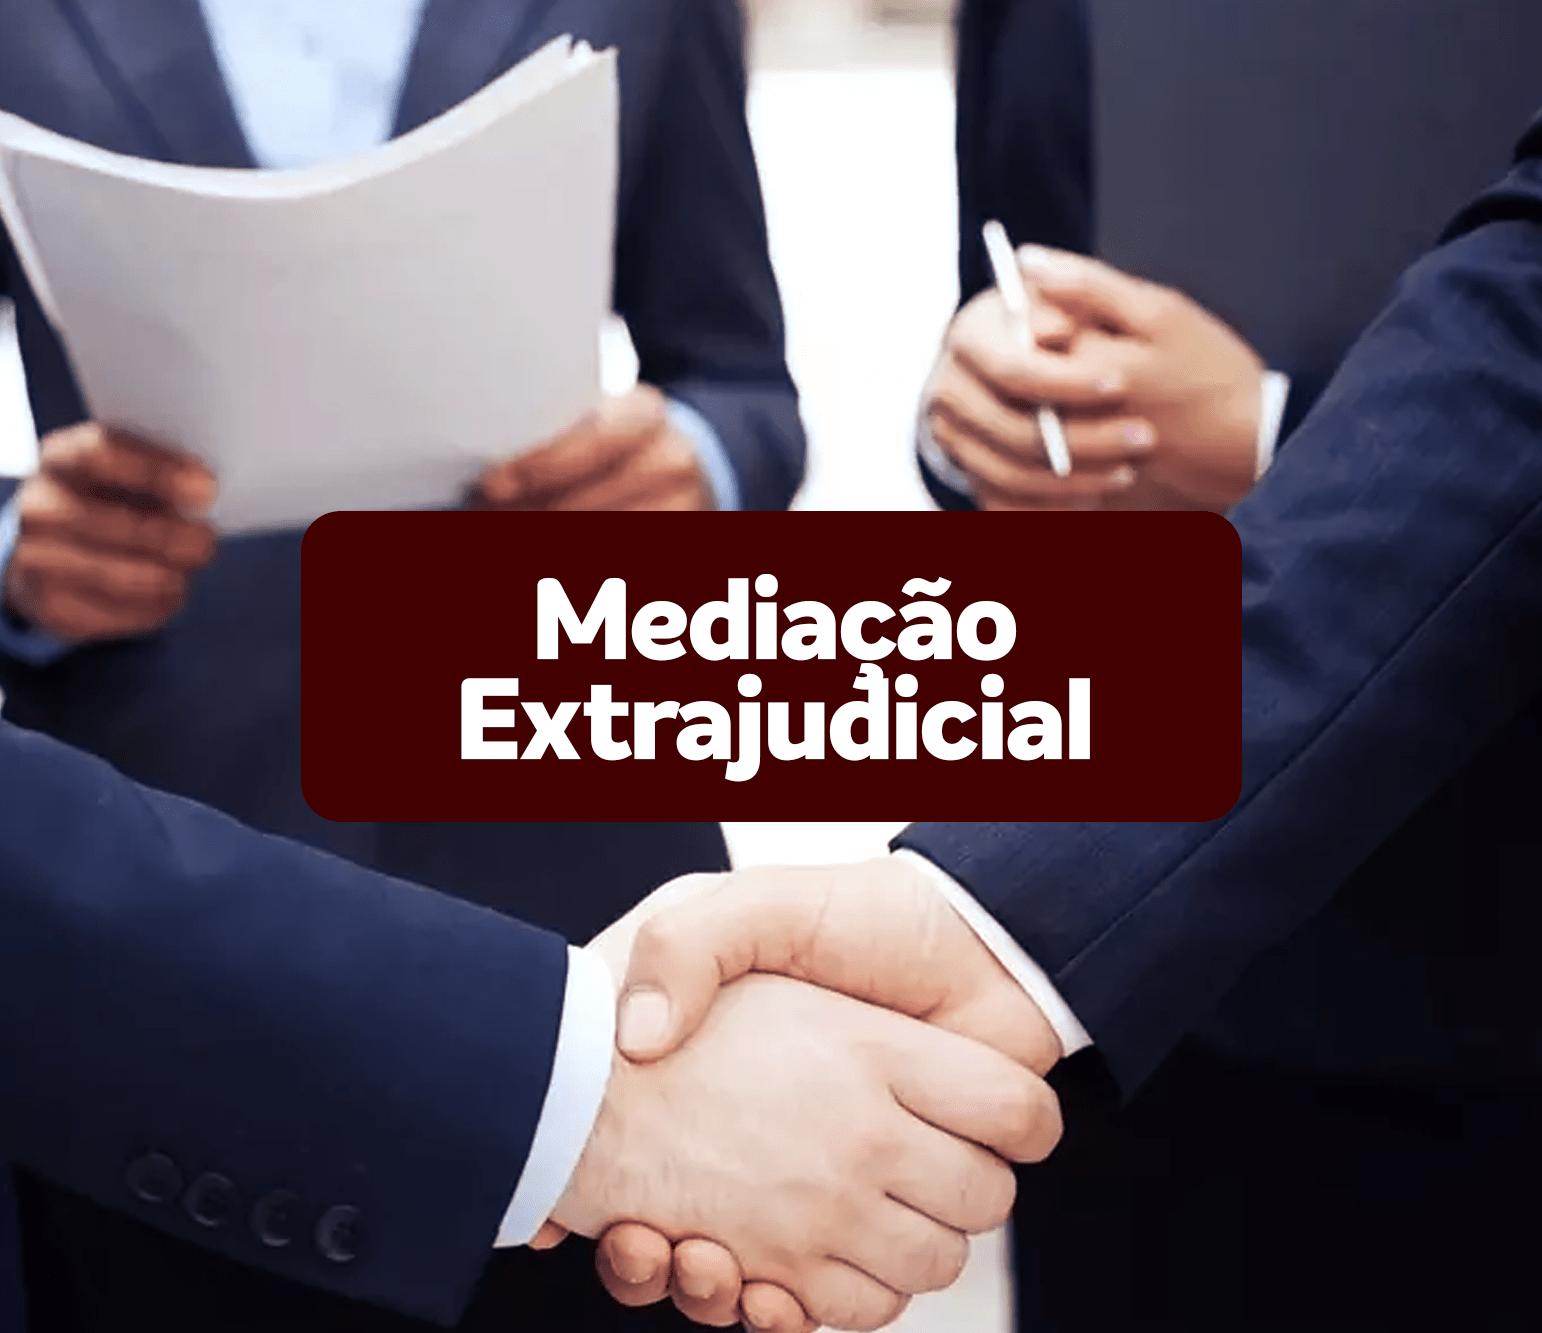 Mediação Extrajudicial